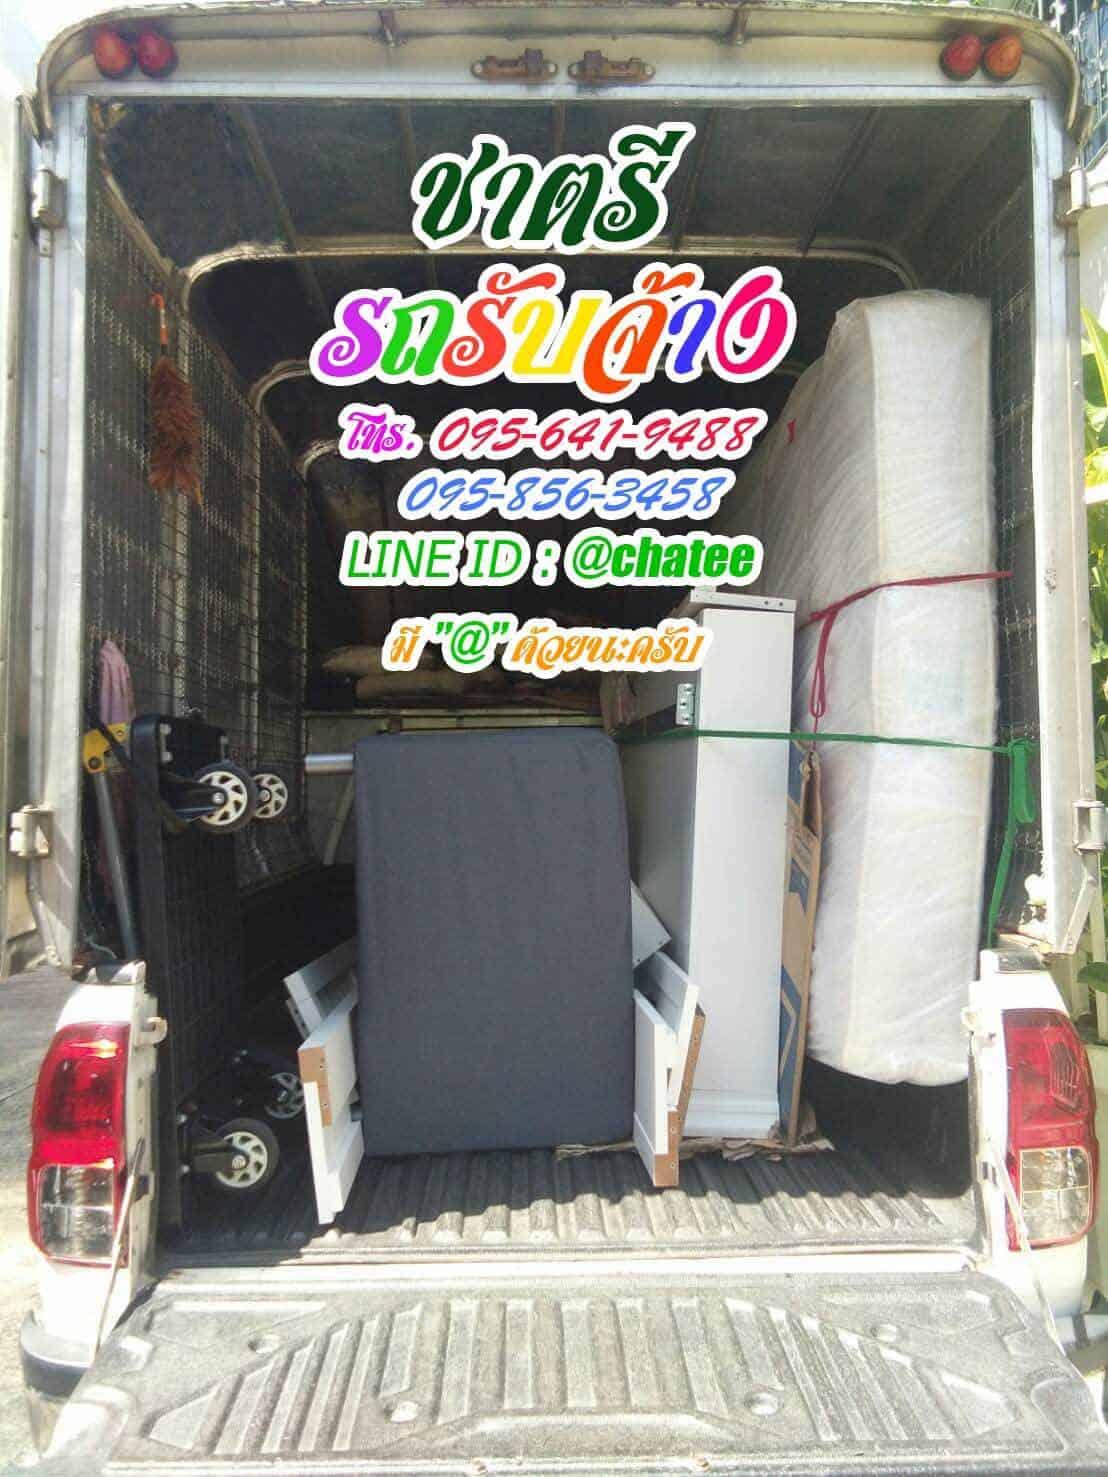 รถรับจ้างขนของย้ายบ้านกรุงเทพจากชินเชตไปเเถวสุทธิสาร